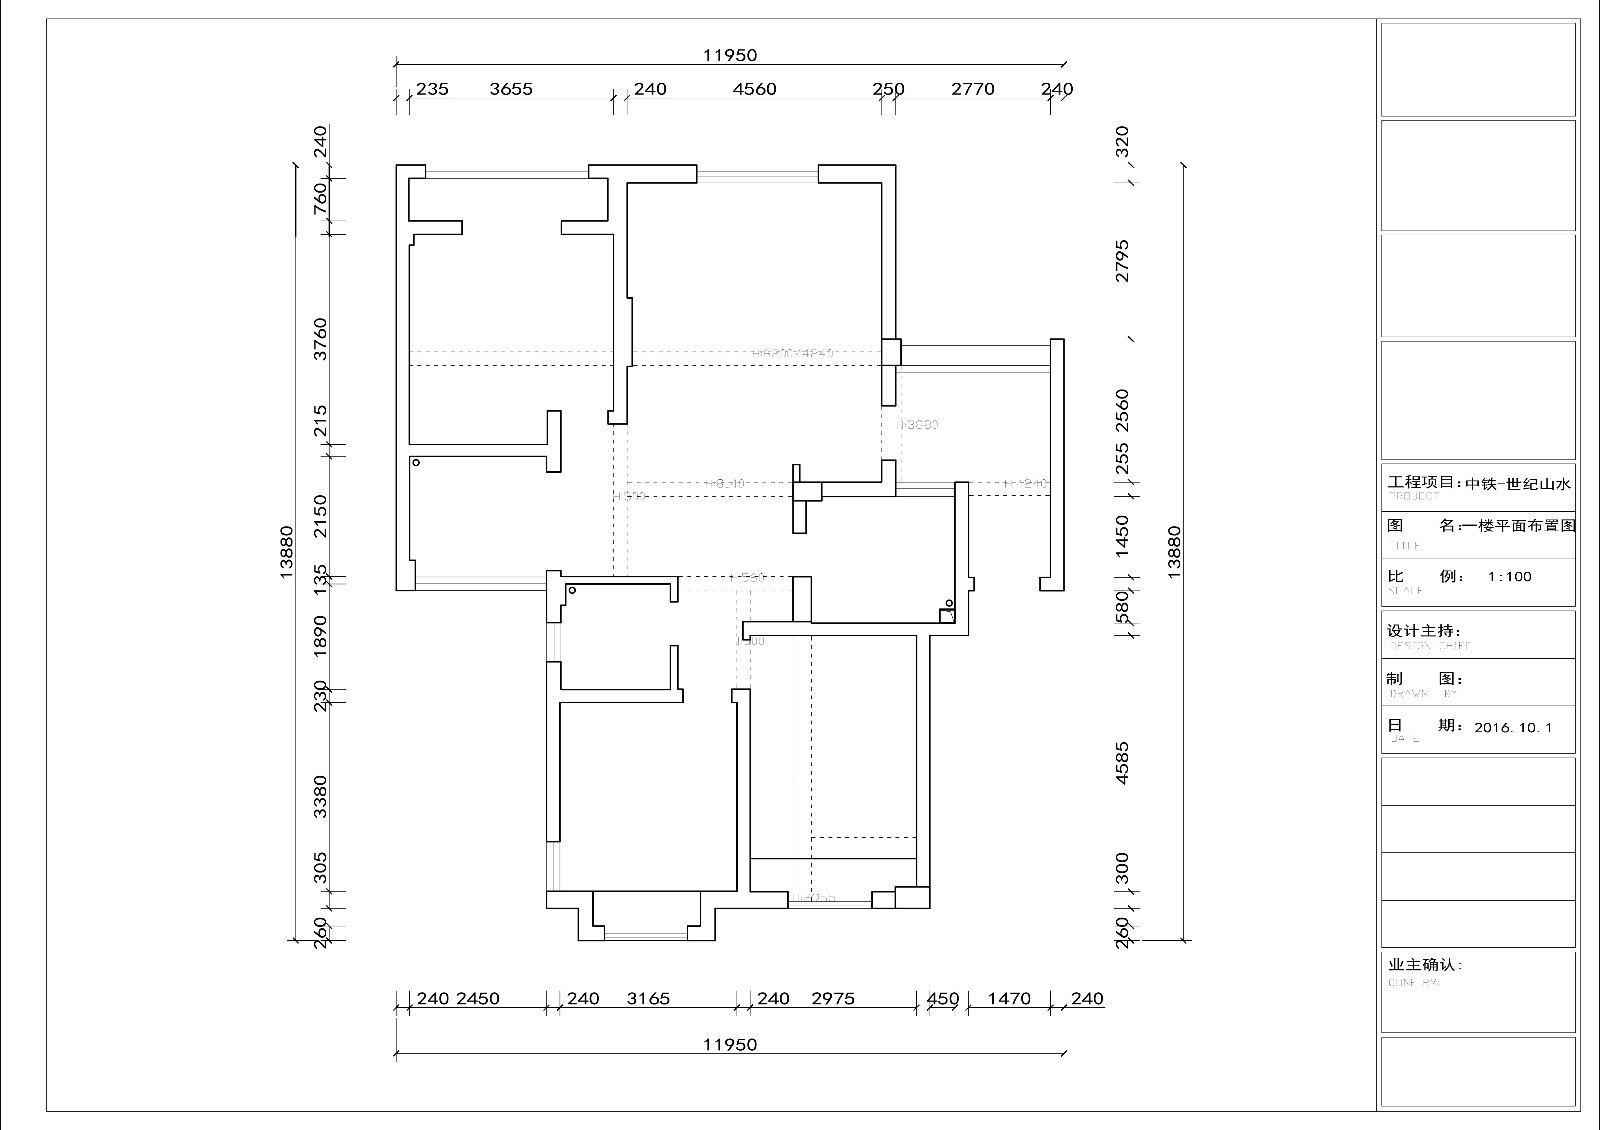 挑空原始结构图怎么画